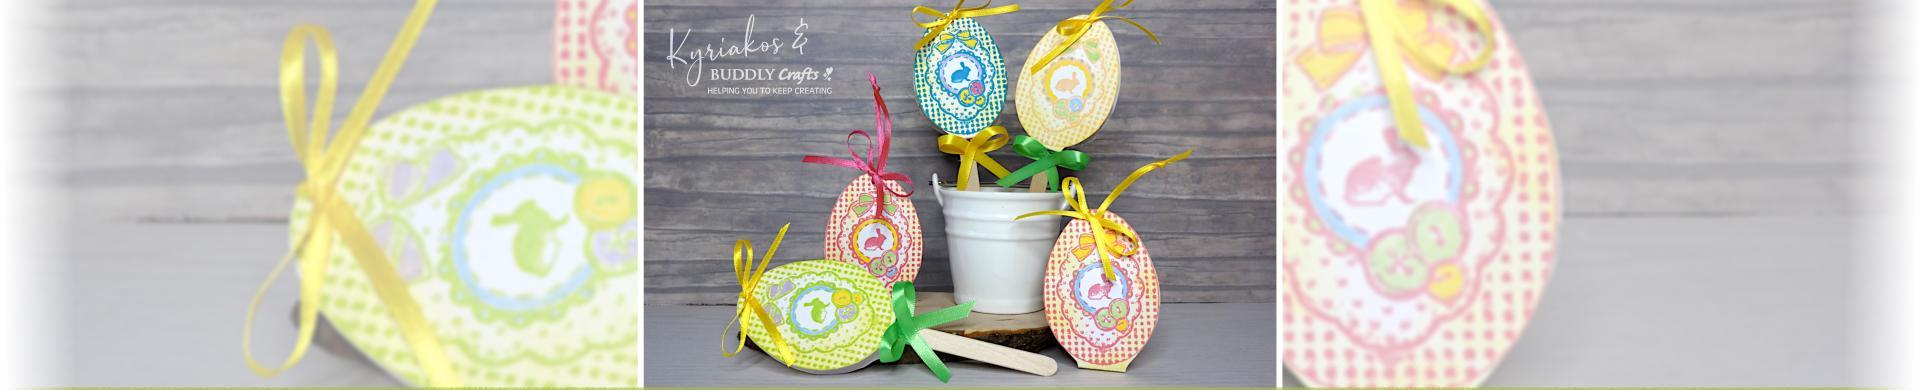 Easter Treats Lollipops